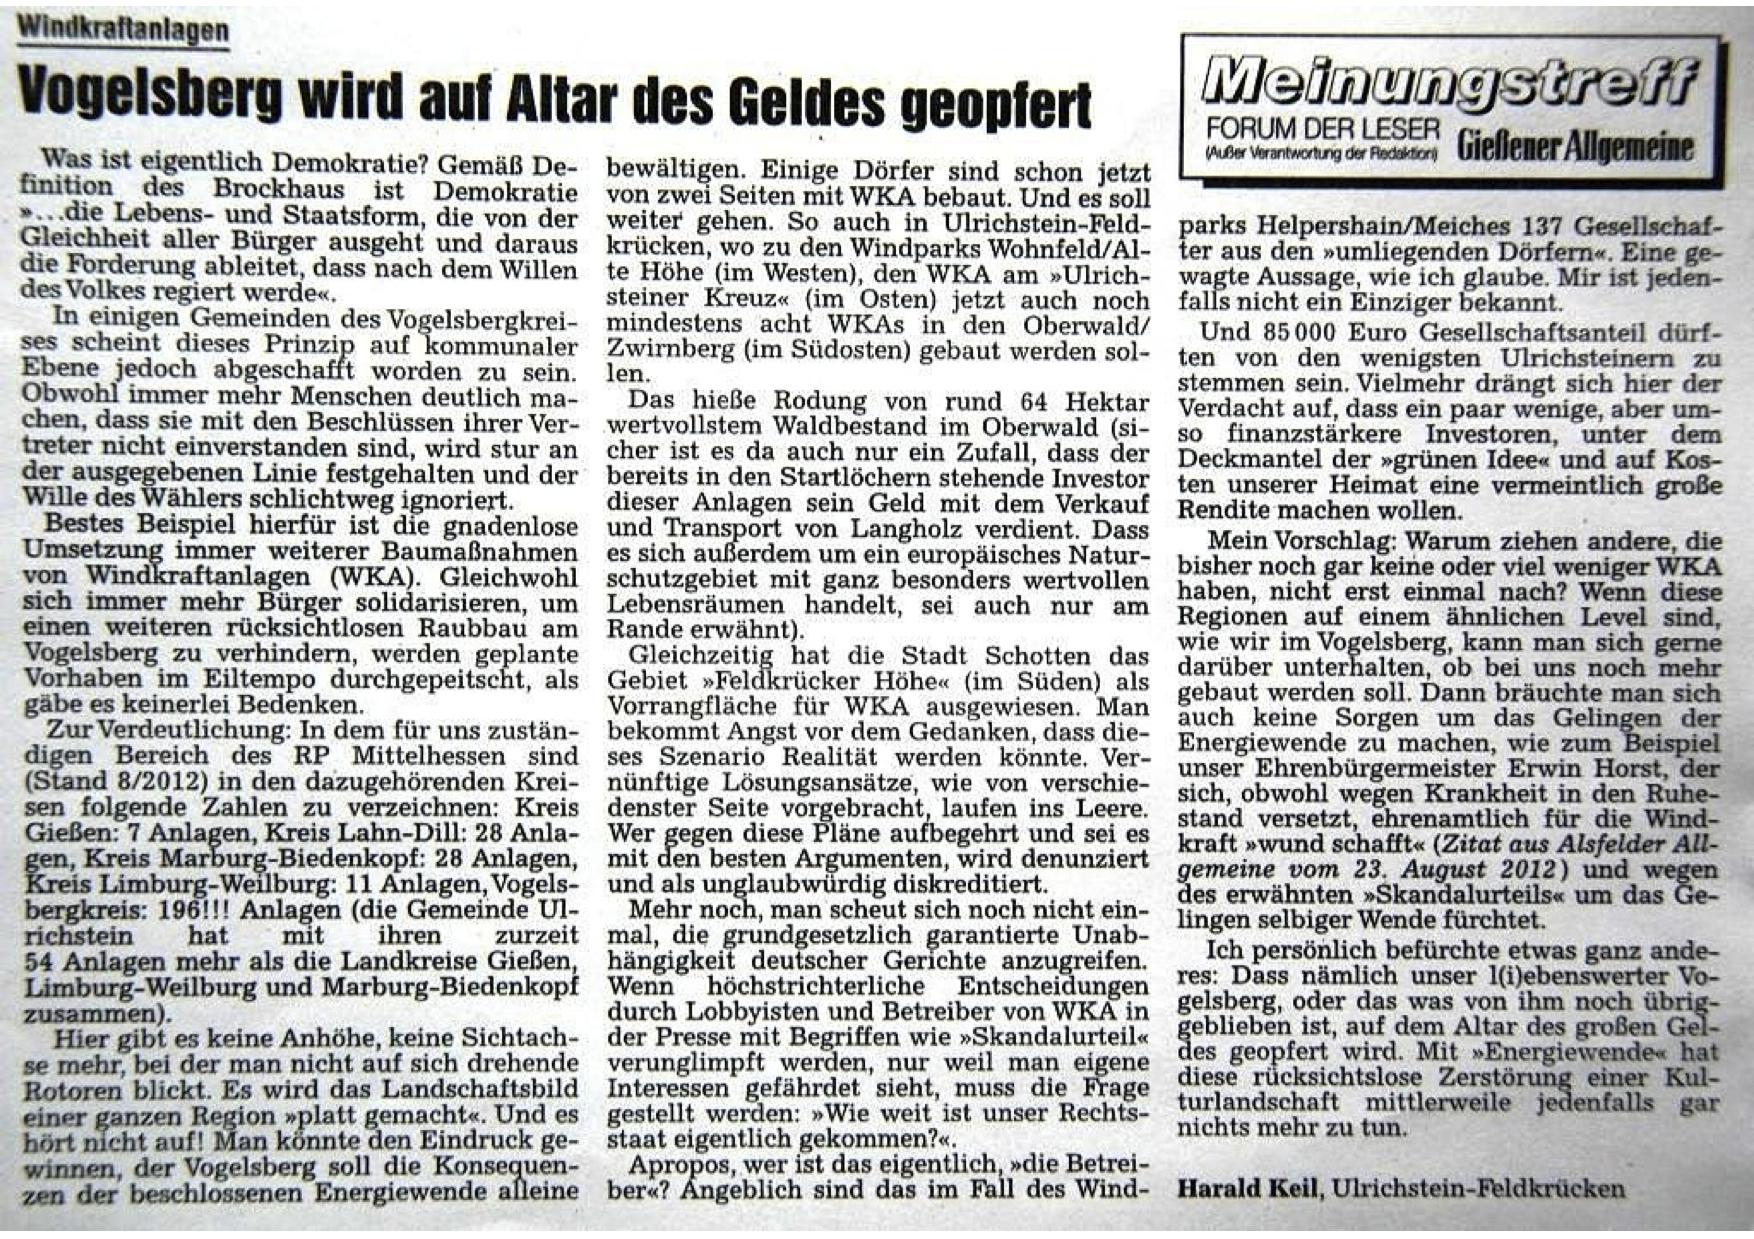 2012.08.29-AA_Leserbrief Keil Ulrichstein